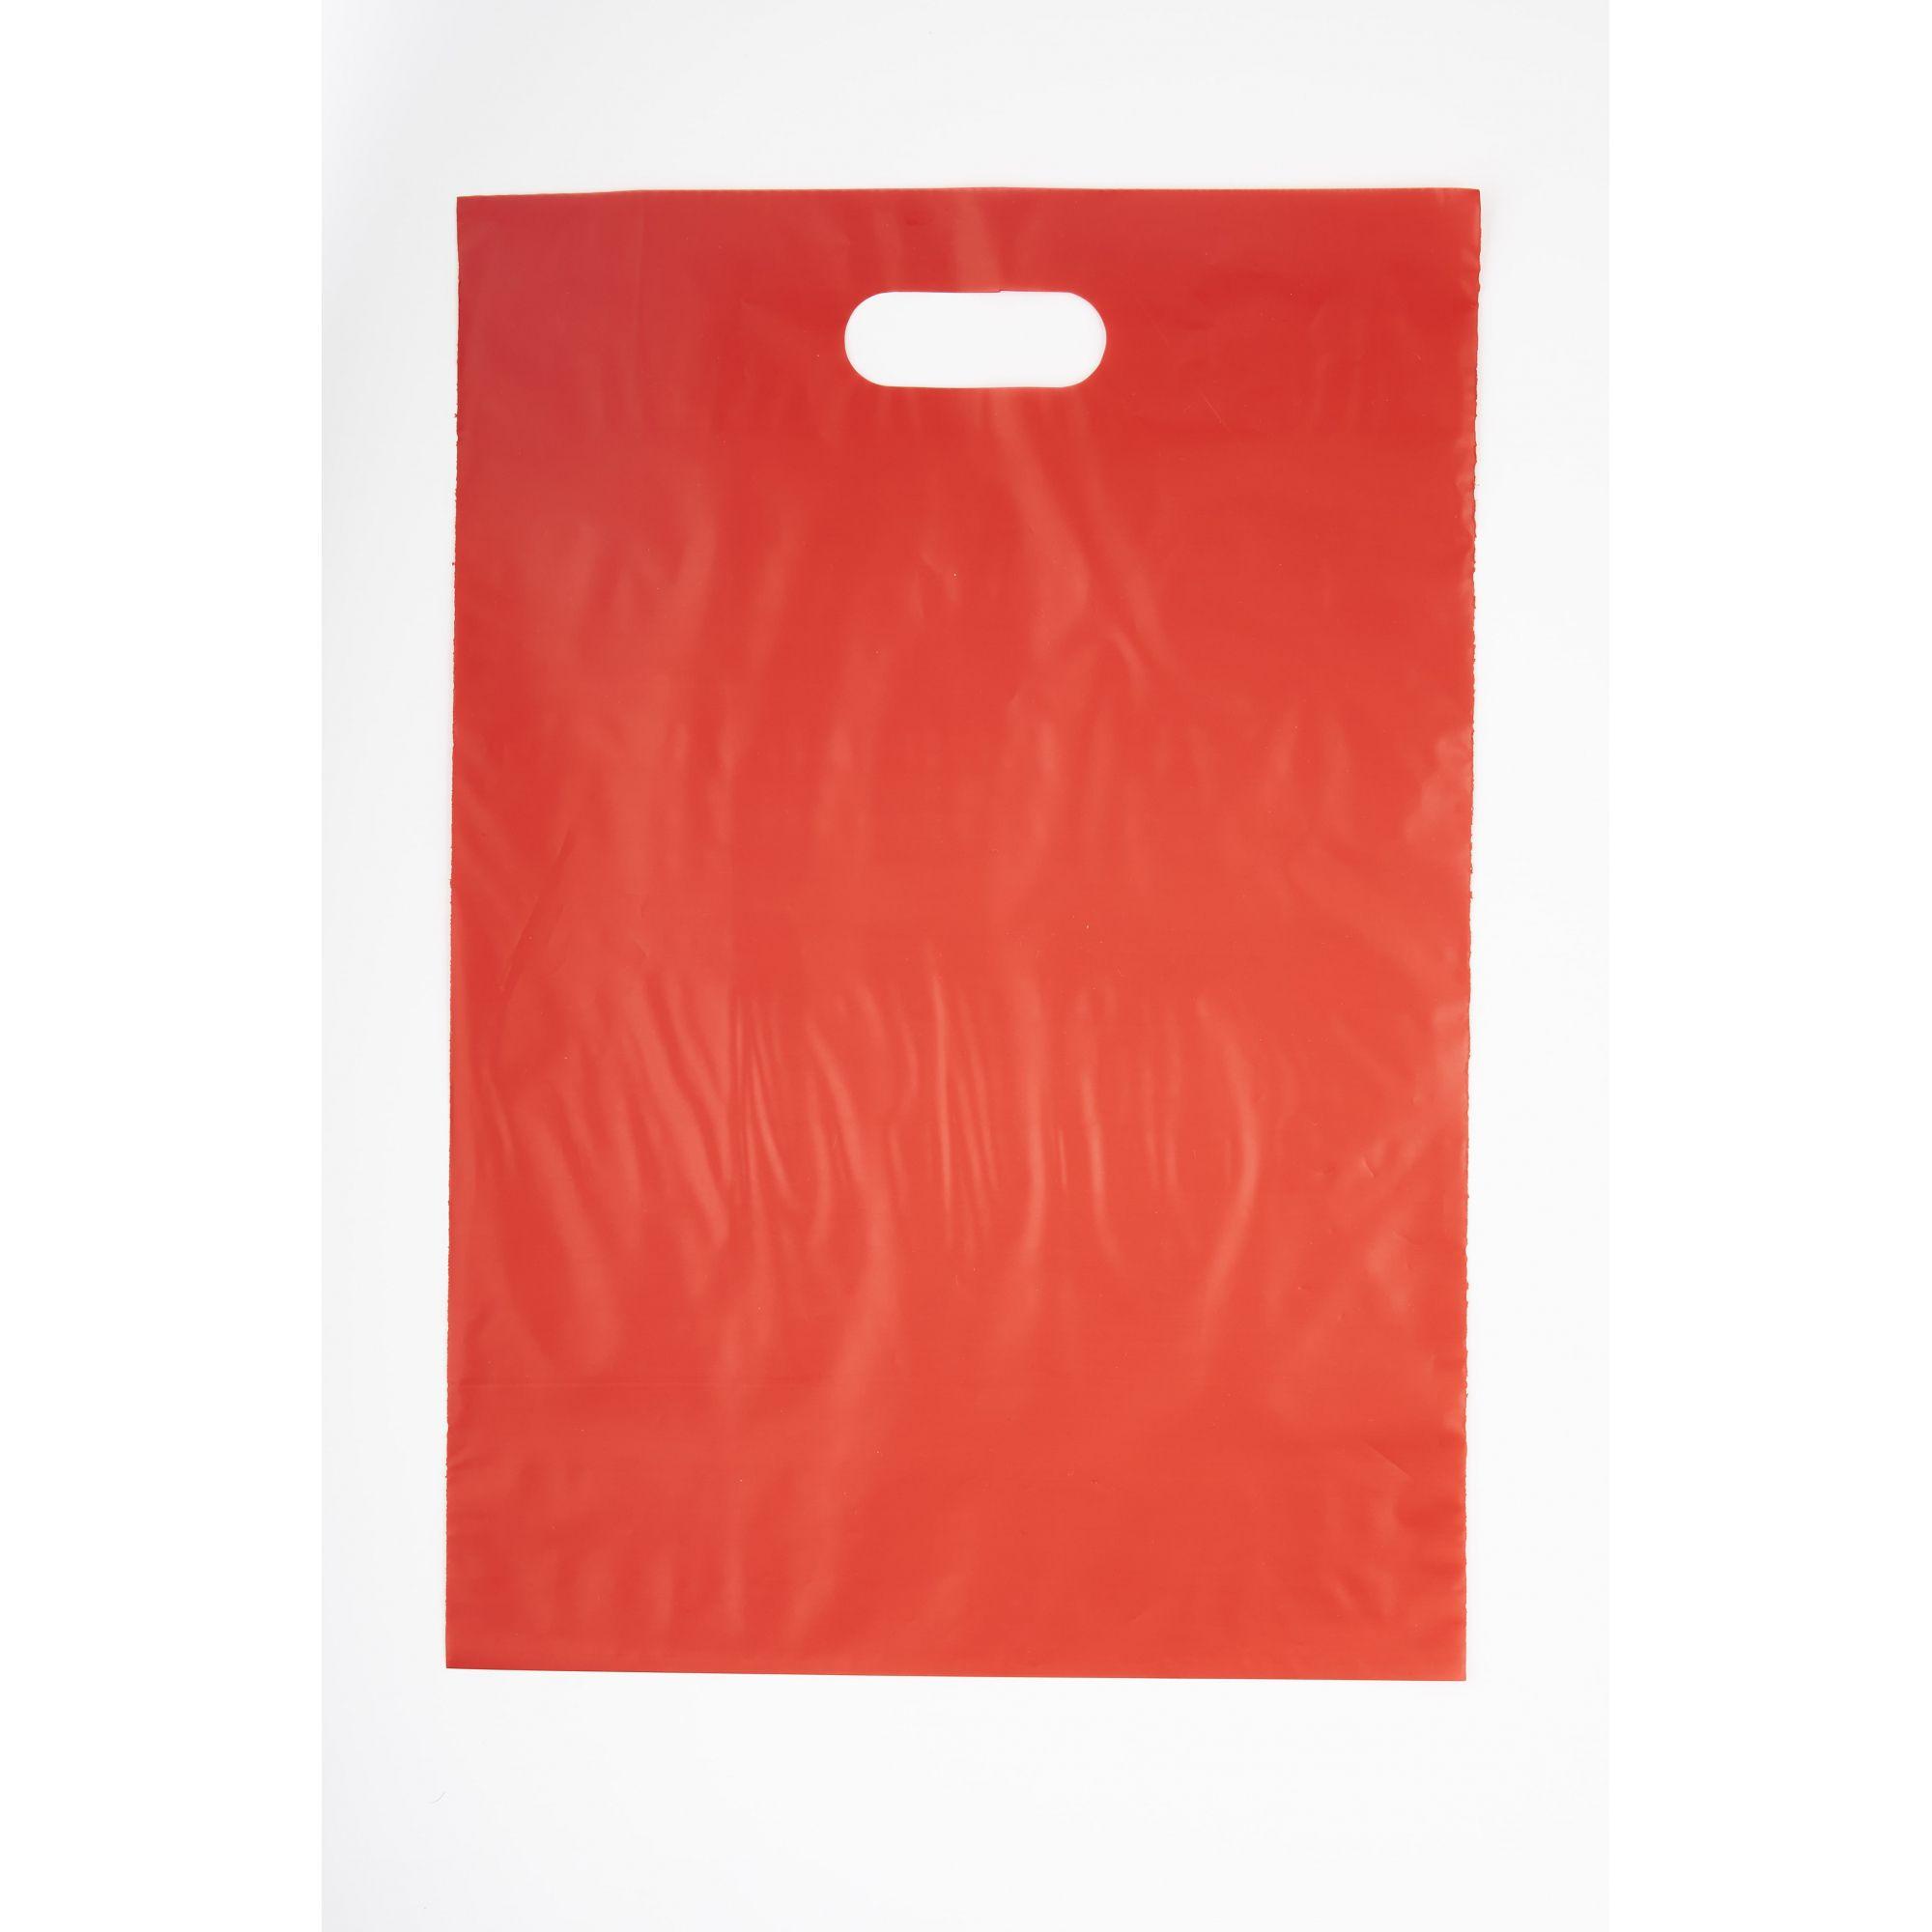 Sacola Plástica 30x45 Vermelha - Alça Boca de Palhaço